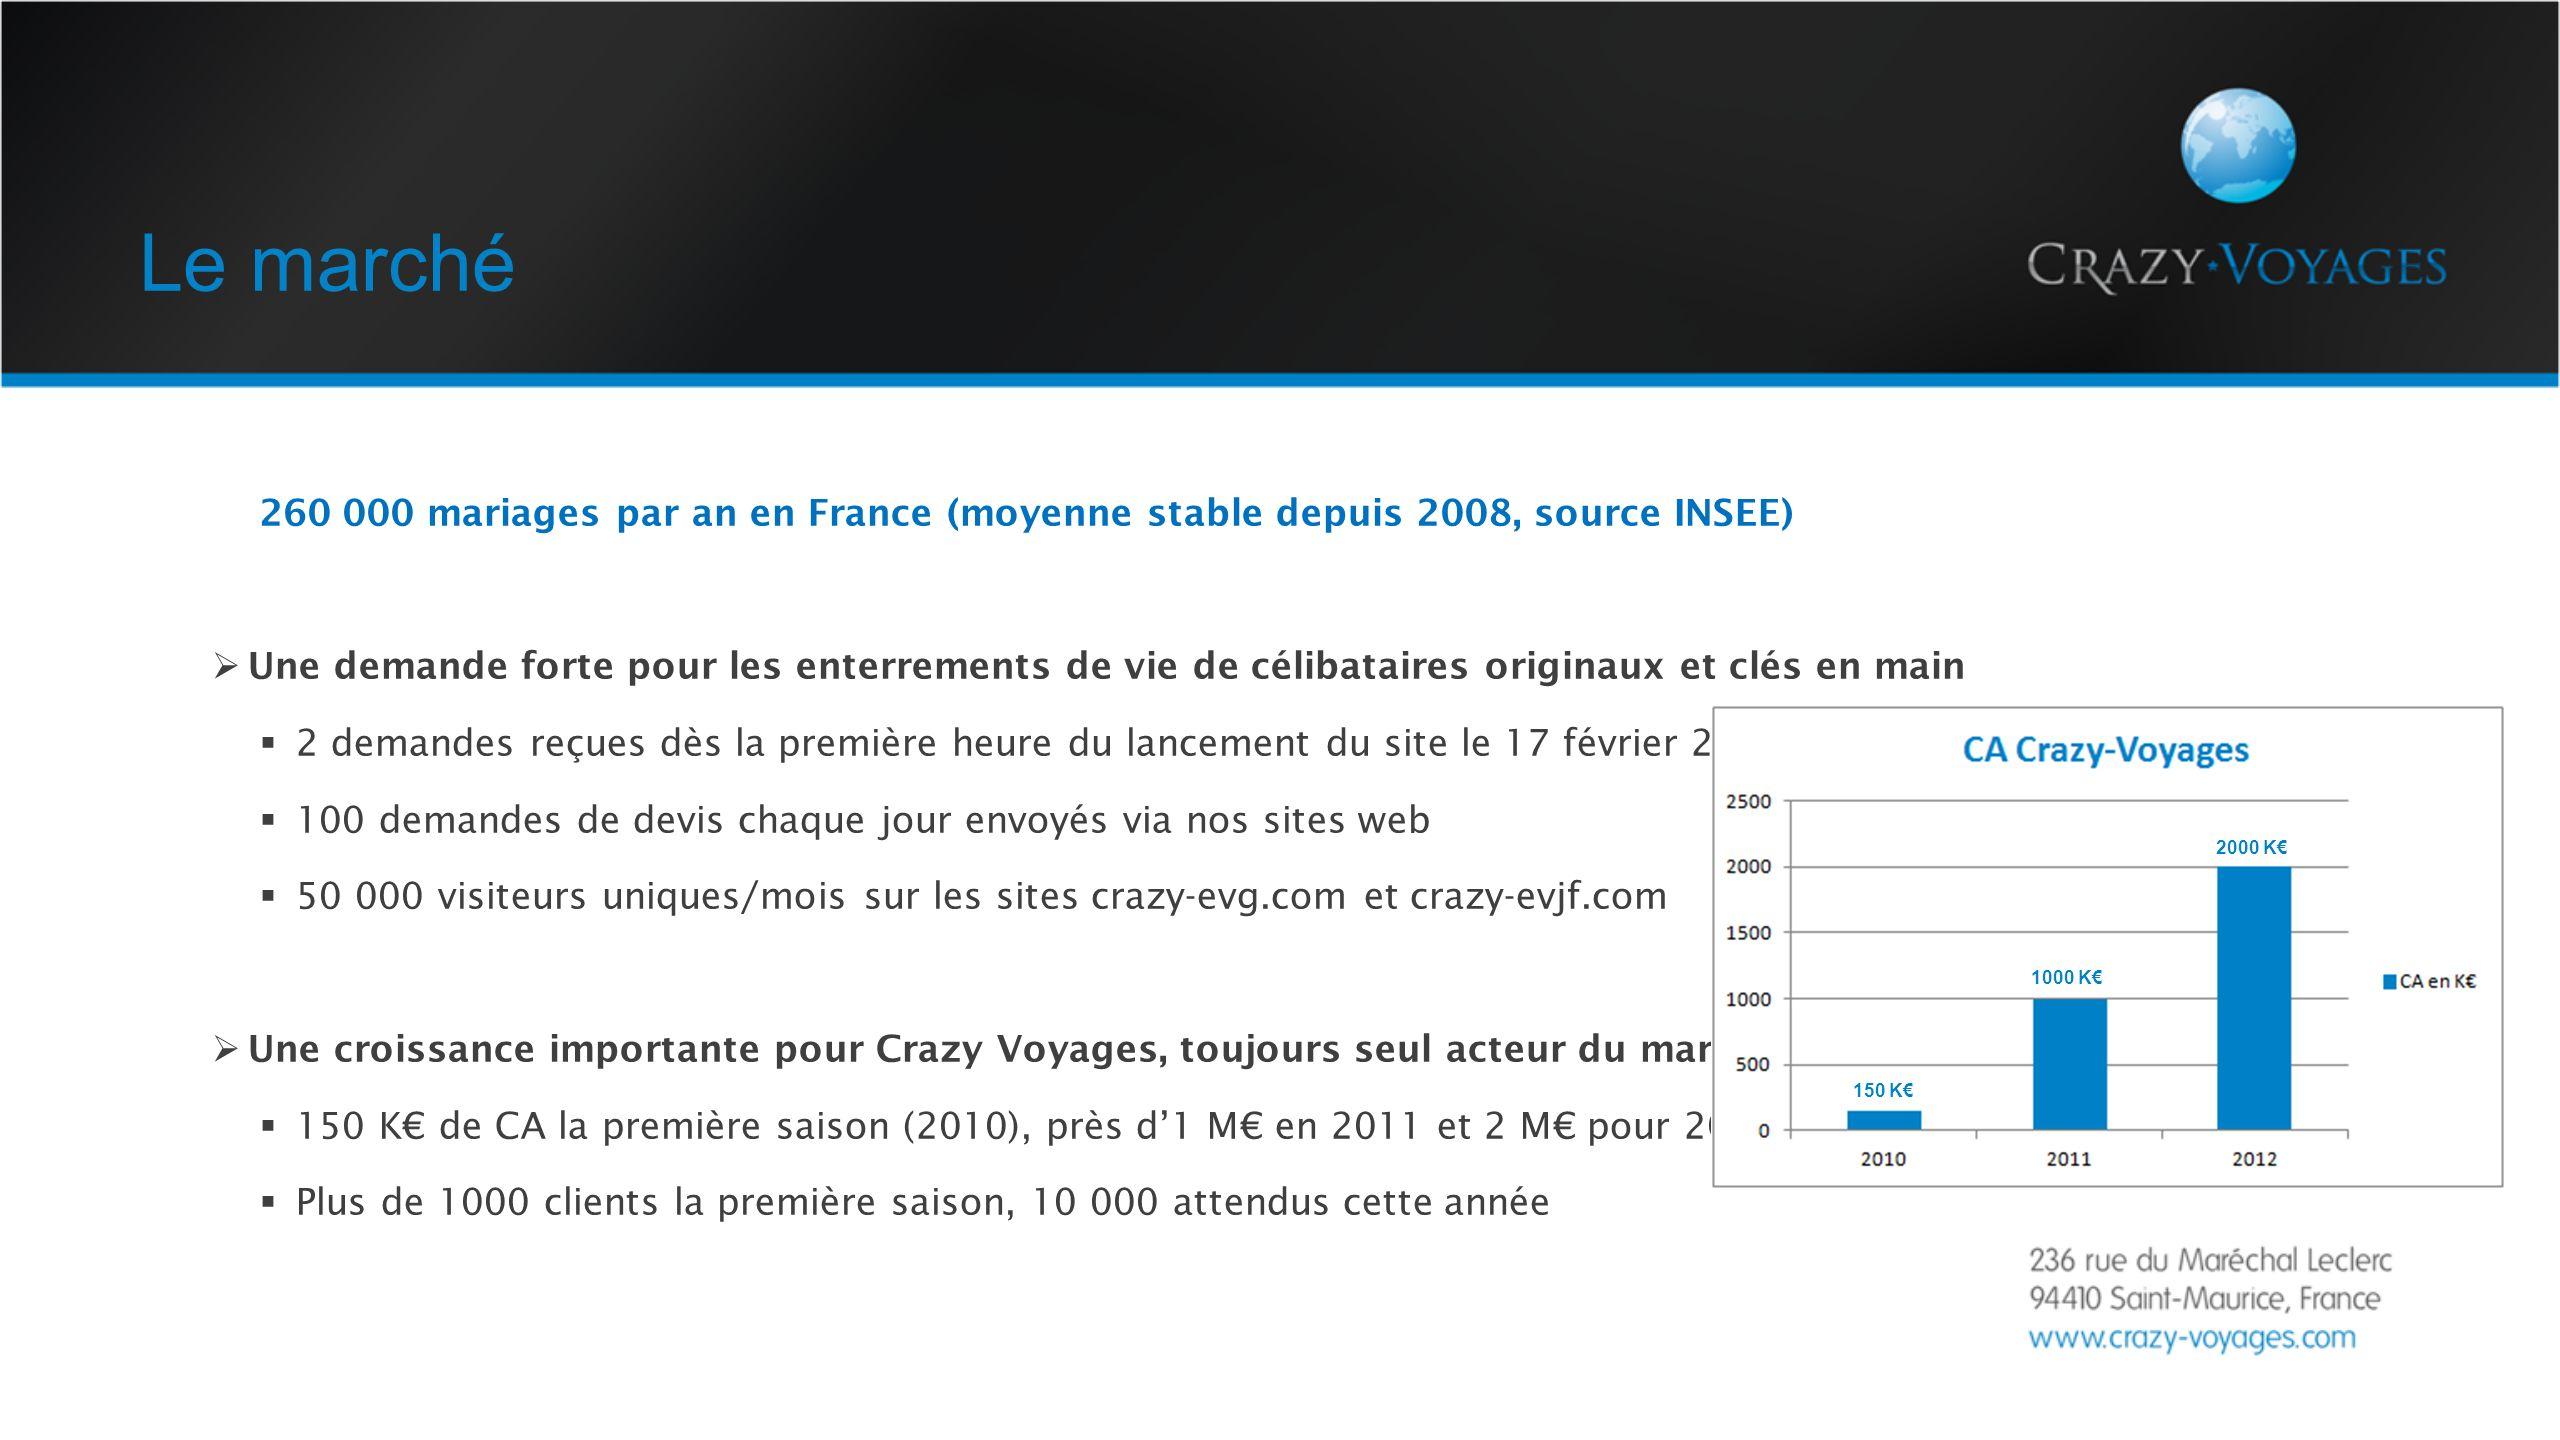 Le marché 260 000 mariages par an en France (moyenne stable depuis 2008, source INSEE)